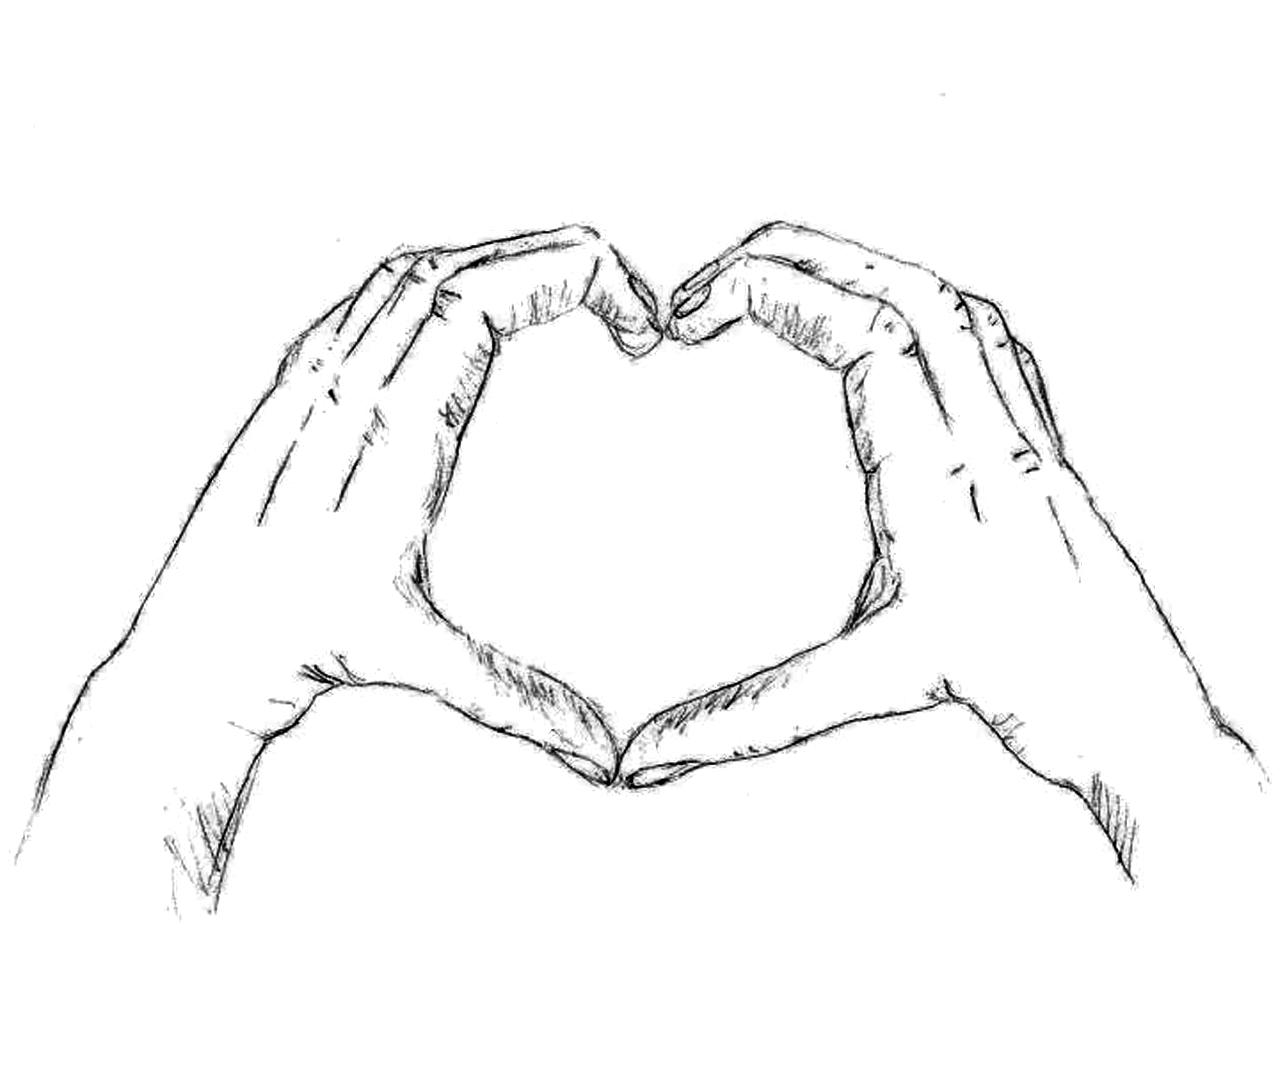 Liebesbilder Und Liebessprüche: Liebesbilder Zeichnen - Zum mit Liebesbilder Zum Zeichnen